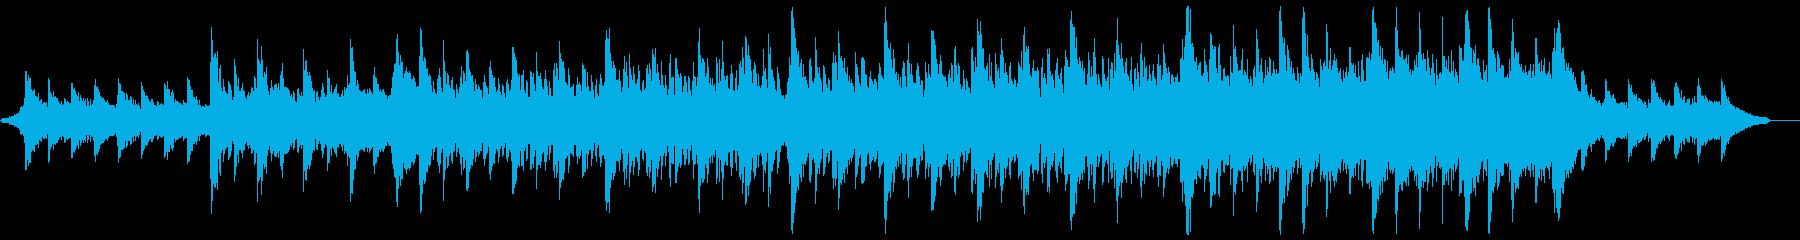 ポジティブポップオーケストラ:ブラス抜きの再生済みの波形